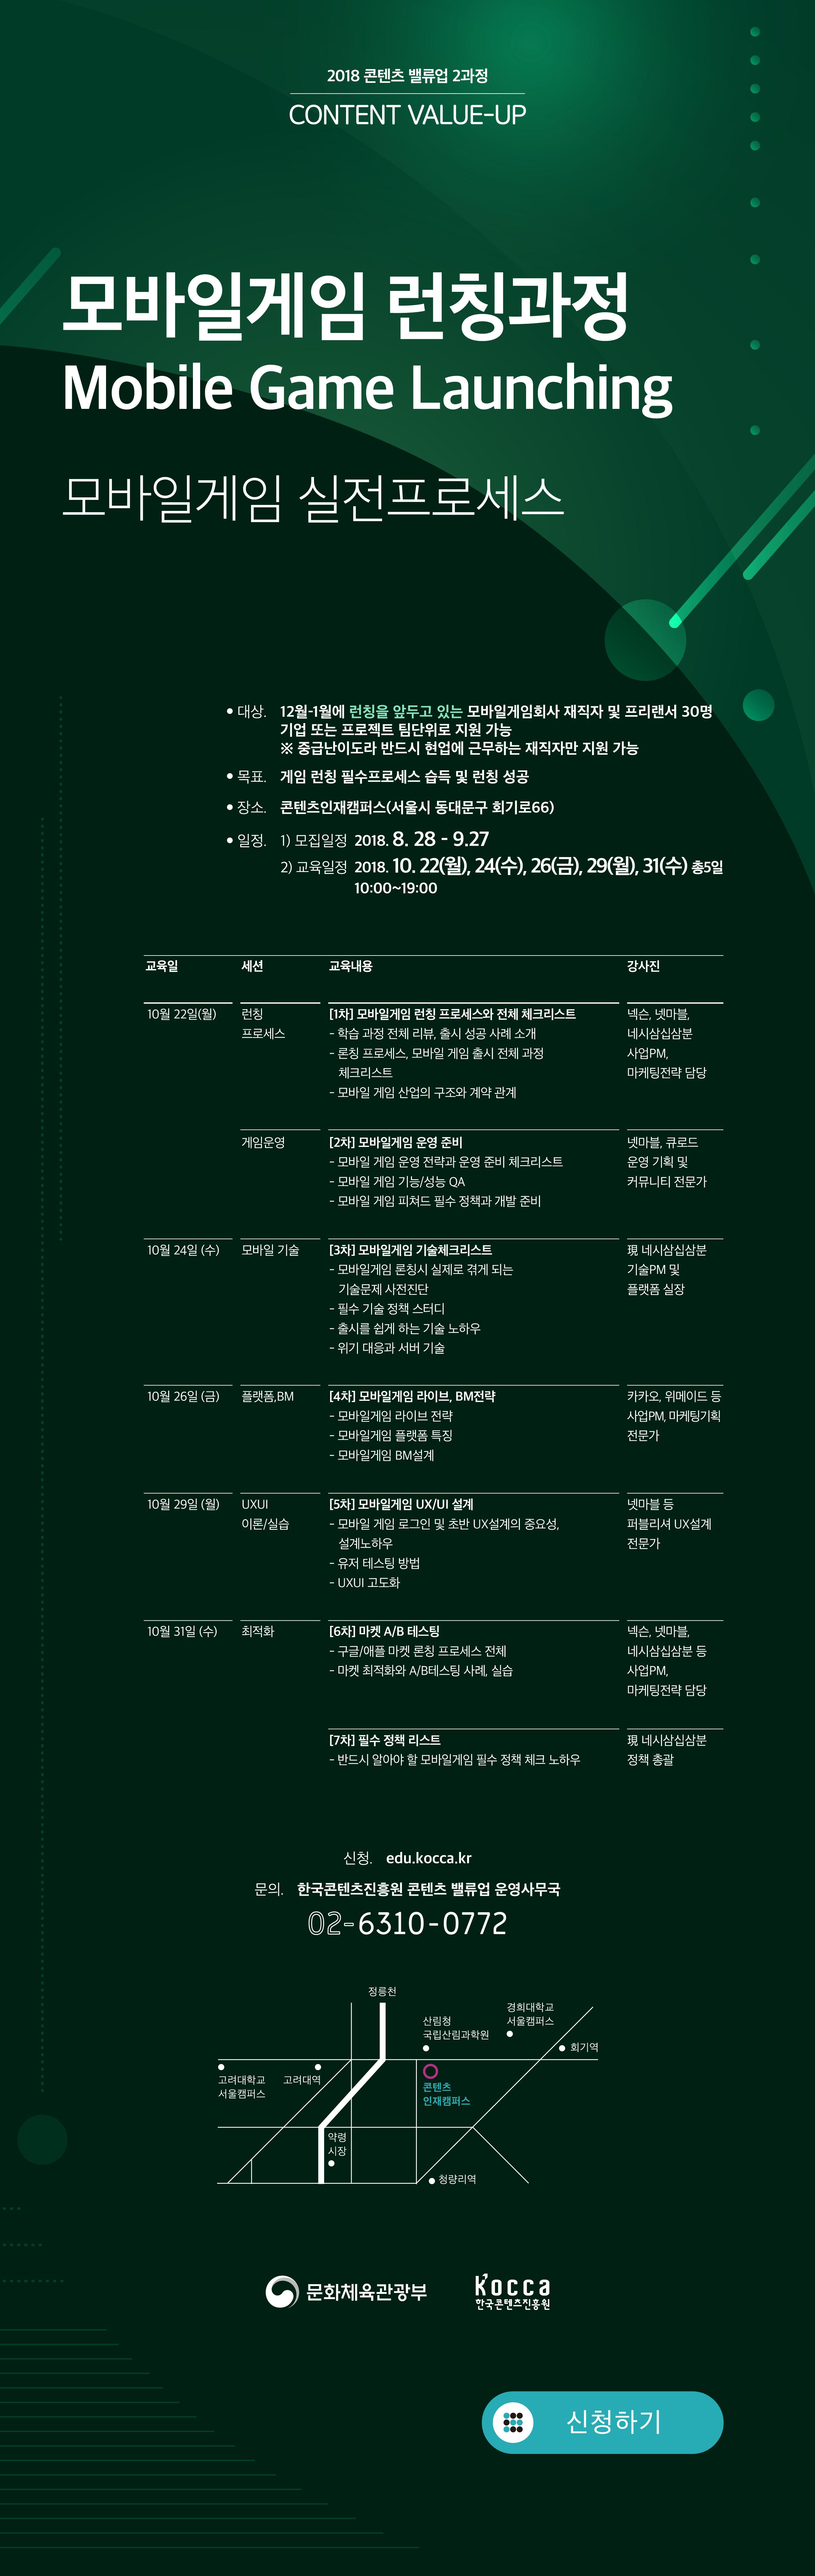 과 정 명 : 모바일 게임런칭_모바일게임 런칭 실전프로세스 과영기간 : (모집) ~ 9/27(목) / (선발) 9/28(금) / (운영) 10/22(월) ~ 10/31(수) 전담코치 : 신혜련 교수 (현 명지대학교 / 전 넥슨·넷마블·4:33) 주요목표 : 실제 게임 출시를 위한 '실전 게임 런칭' 지원 교육대상(수준) : 2018년 하반기에 게임 런칭을 원하는 게임사 관계자 30명 (15개 프로젝트 내외) 교육 장소 : 한국콘텐츠진흥원 콘텐츠인재캠퍼스 등 교육 목표 : 게임 런칭 전 품질 검증 및 강화 교육 통해 콘텐츠 퀄리티를 확보하여 마켓에서의 성공 가능성 제고, 인디게임 개발사의 성공적인 플랫폼 진입 교육과정 10월 22일 (월) 런칭 이론 [1차] 모바일게임 런칭 프로세스와 전체 체크리스트 - 학습 과정 전체 리뷰, 출시 성공 사례 소개 - 론칭 프로세스, 모바일 게임 출시 전체 과정 체크리스트 - 모바일 게임 산업의 구조와 계약 관계 신혜련 교수(명지대학교ICT융합대학 교수) 10월 24일 (수)UX/UI실습 [2차] 모바일게임 UX/UI설계 - 모바일 게임 로그인 및 초반 UX설계의 중요성, 설계노하우 - 유저 테스팅 방법 - UXUI 고도화 정정화(스마트스터디) 10월 26일 (수) 게임 운영 [3차] 모바일게임 기술체크리스트 - 모바일 게임 론칭시 실제로 겪게 되는 기술 문제를 사전 진단 - 필수 기술 정책 스터디 - 출시를 쉽게 하는 기술 노하우 - 위기 대응과 서버 기술 황상문(네시삼십삼분기술총괄) [4차] 모바일 게임 운영 준비 - 모바일 게임 운영 전략과 운영 준비 체크리스트 - 모바일 게임 기능/성능 QA - 모바일 게임 피쳐드 필수 정책과 개발 준비 이성원(큐로드) 10월 29일 (월) 게임 운영 [5차] 모바일게임 라이브·모바일게임 플랫폼 - 모바일 게임 운영 전략과 운영 준비 체크리스트 - 모바일 게임 기능/성능 QA - 모바일 게임 피쳐드 필수 정책과 개발 준비 김민희(카카오게임즈) 10월 31일 (수) 최적화 [6차] 마켓프로세싱과 최적화 - 구글/애플 마켓 론칭 프로세스 전체 - 마켓 최적화와 A/B테스팅 사례, 실습 신혜련(명지대학교ICT융합대학 교수) [7차] 필수 정책 체크리스트 - 구글/애플 마켓 필수 정책 사례 권혁우(네시삼십삼분)